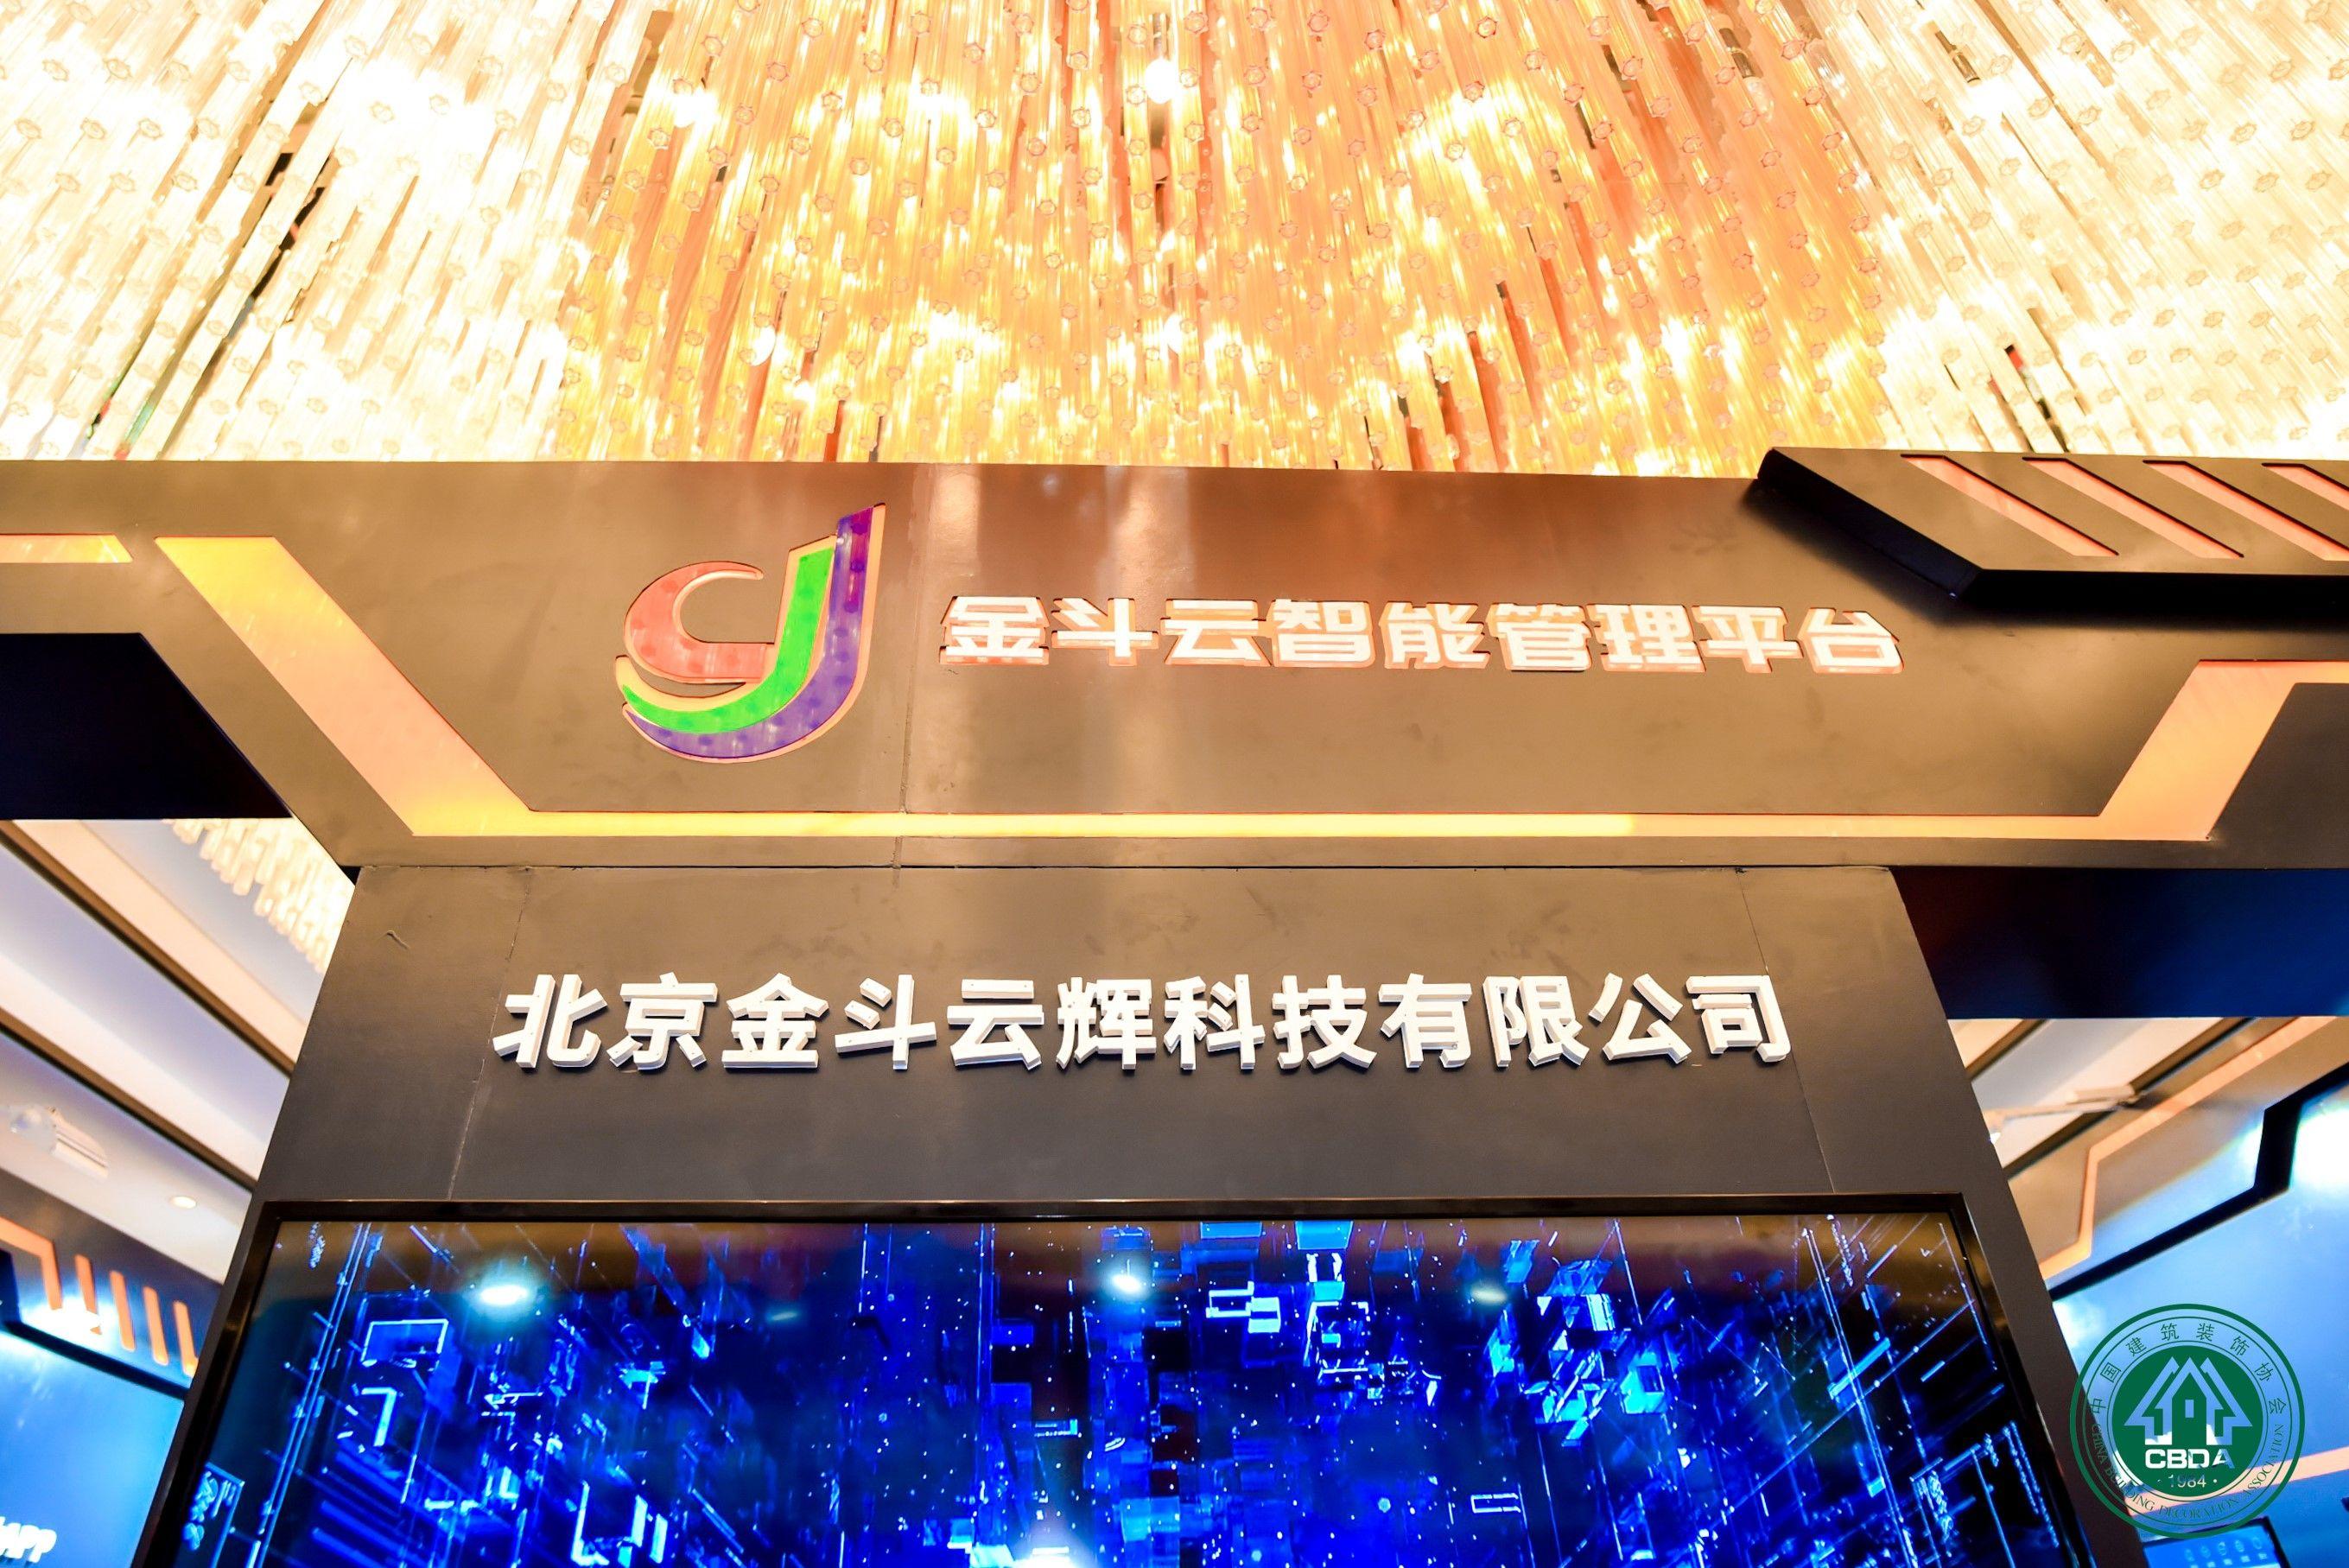 惊艳中国装饰互联网大会 金斗云:为建筑装饰行业精准赋能室内装饰设计软件